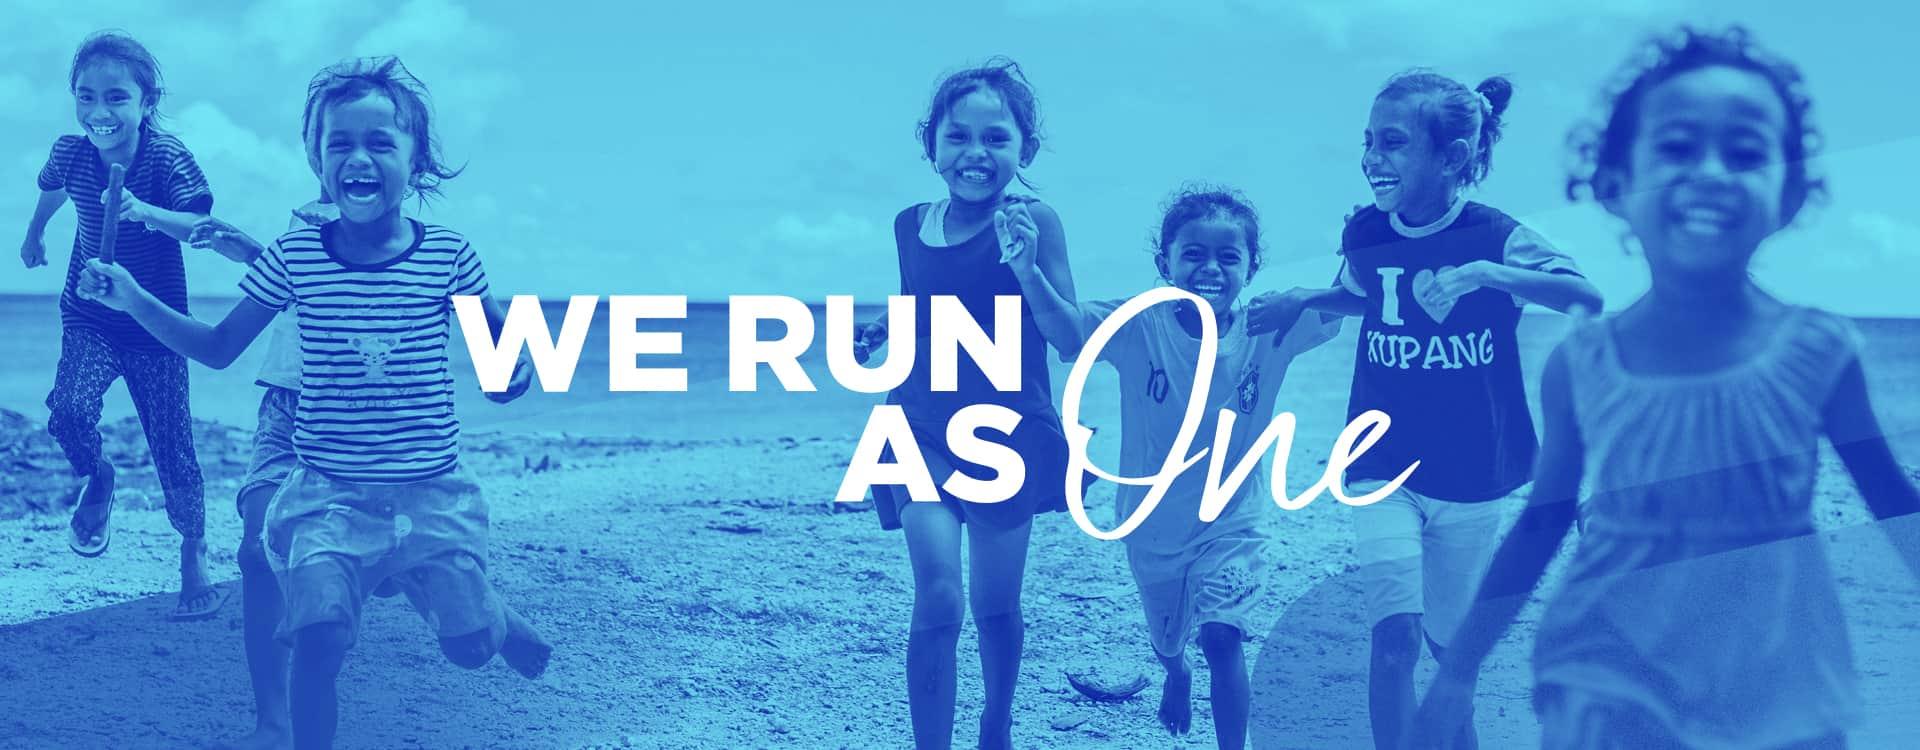 Compassion virtual run 2021